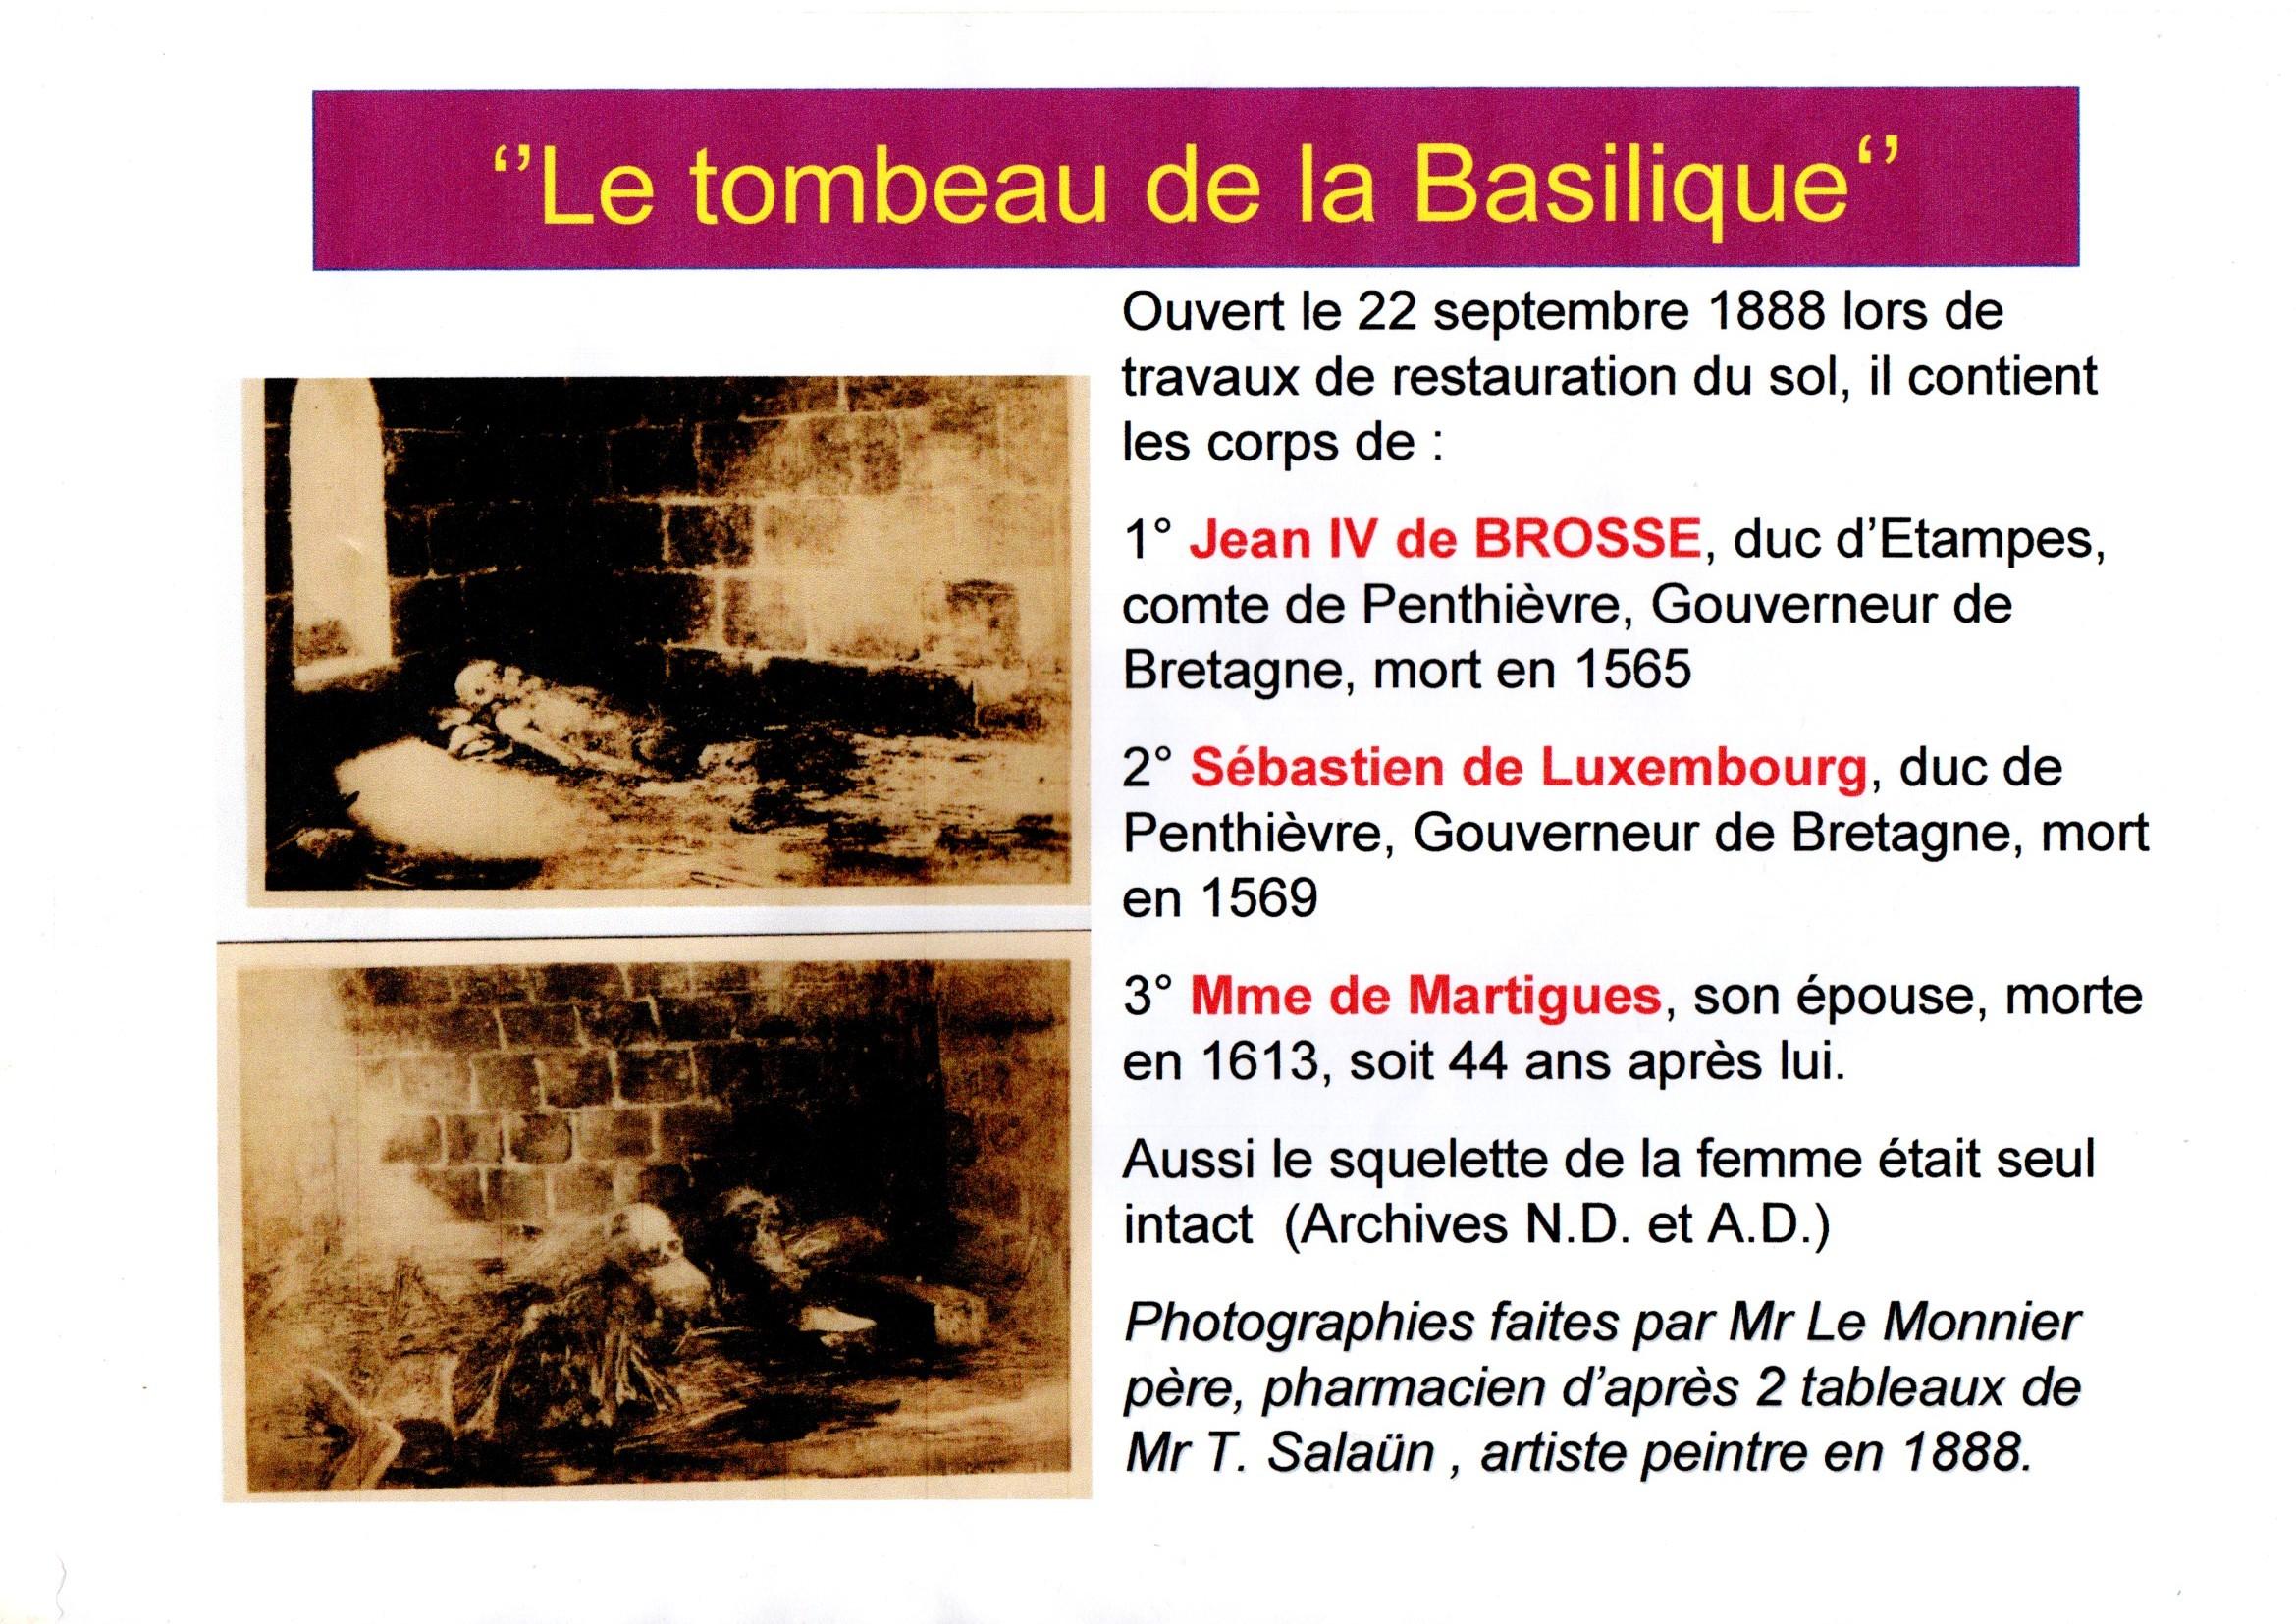 Le tombeau de la basilique